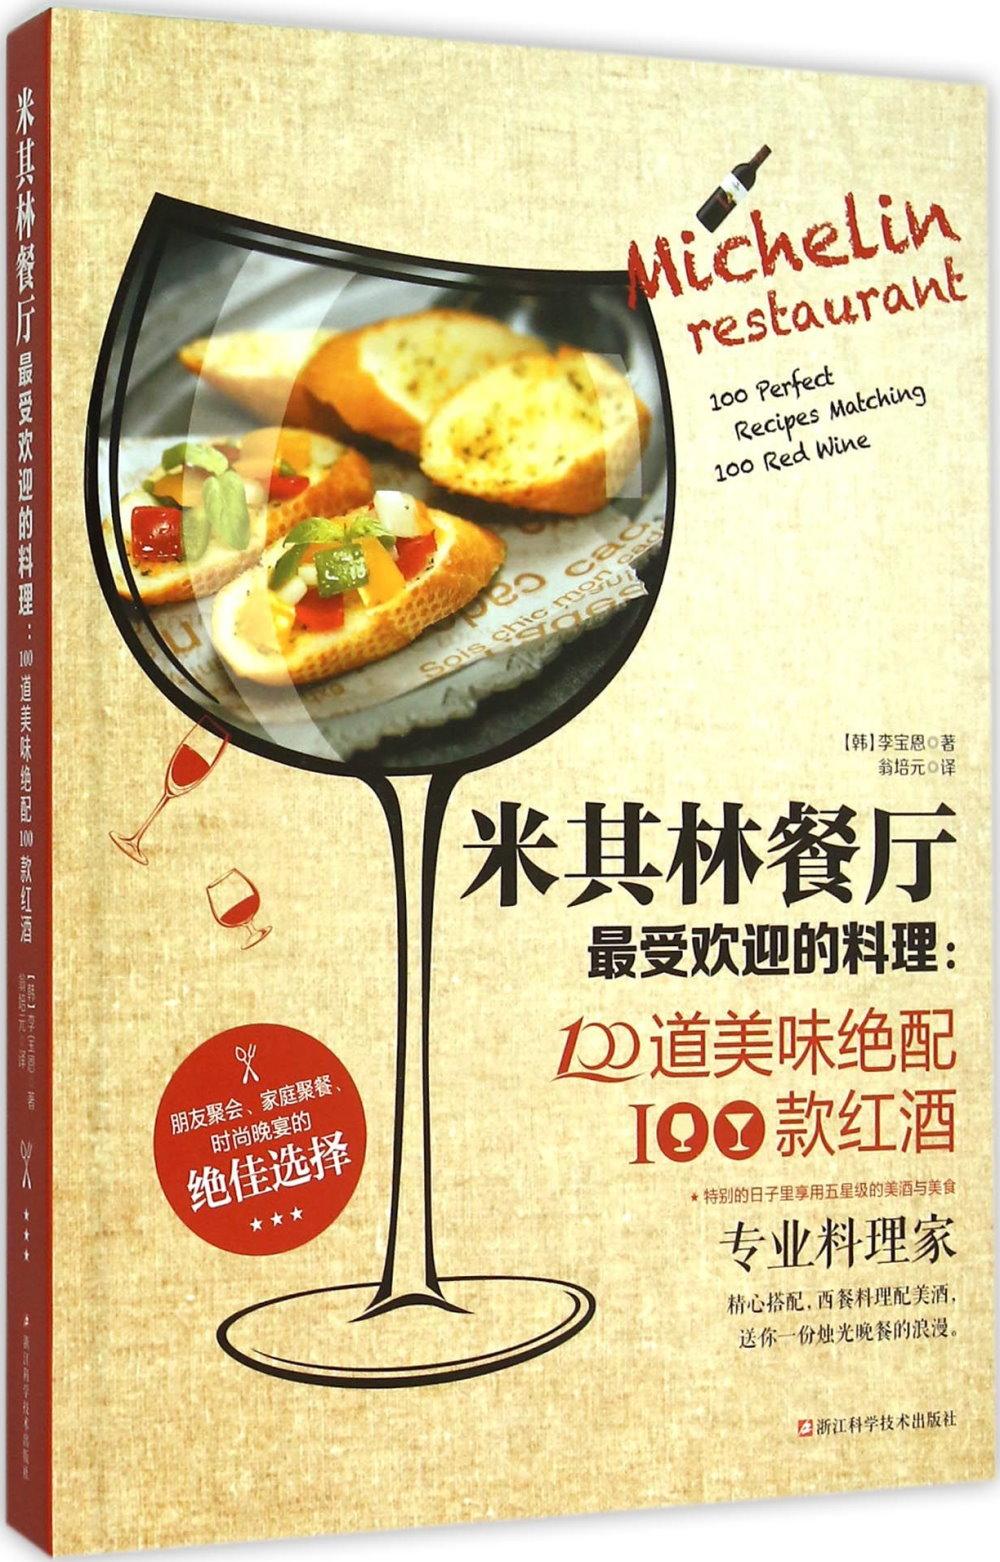 米其林餐廳最受 的料理:100到美味絕配100款紅酒